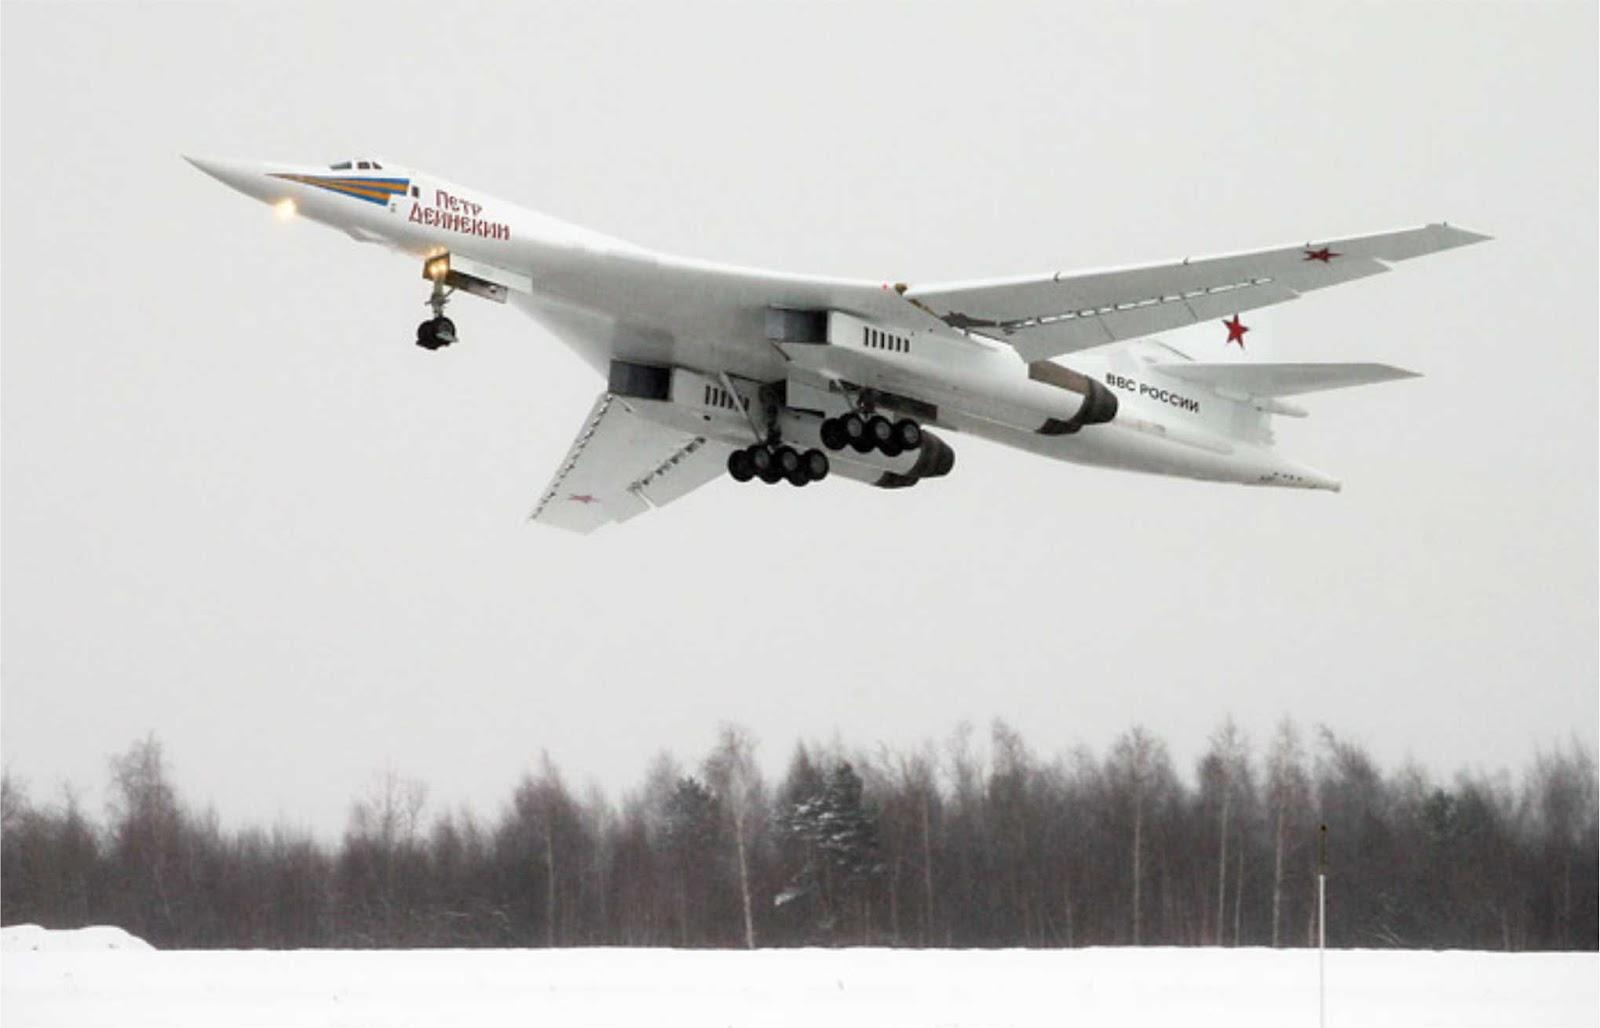 Gedung Putih melaporkan kapan pesawat militer Rusia akan meninggalkan Venezuela